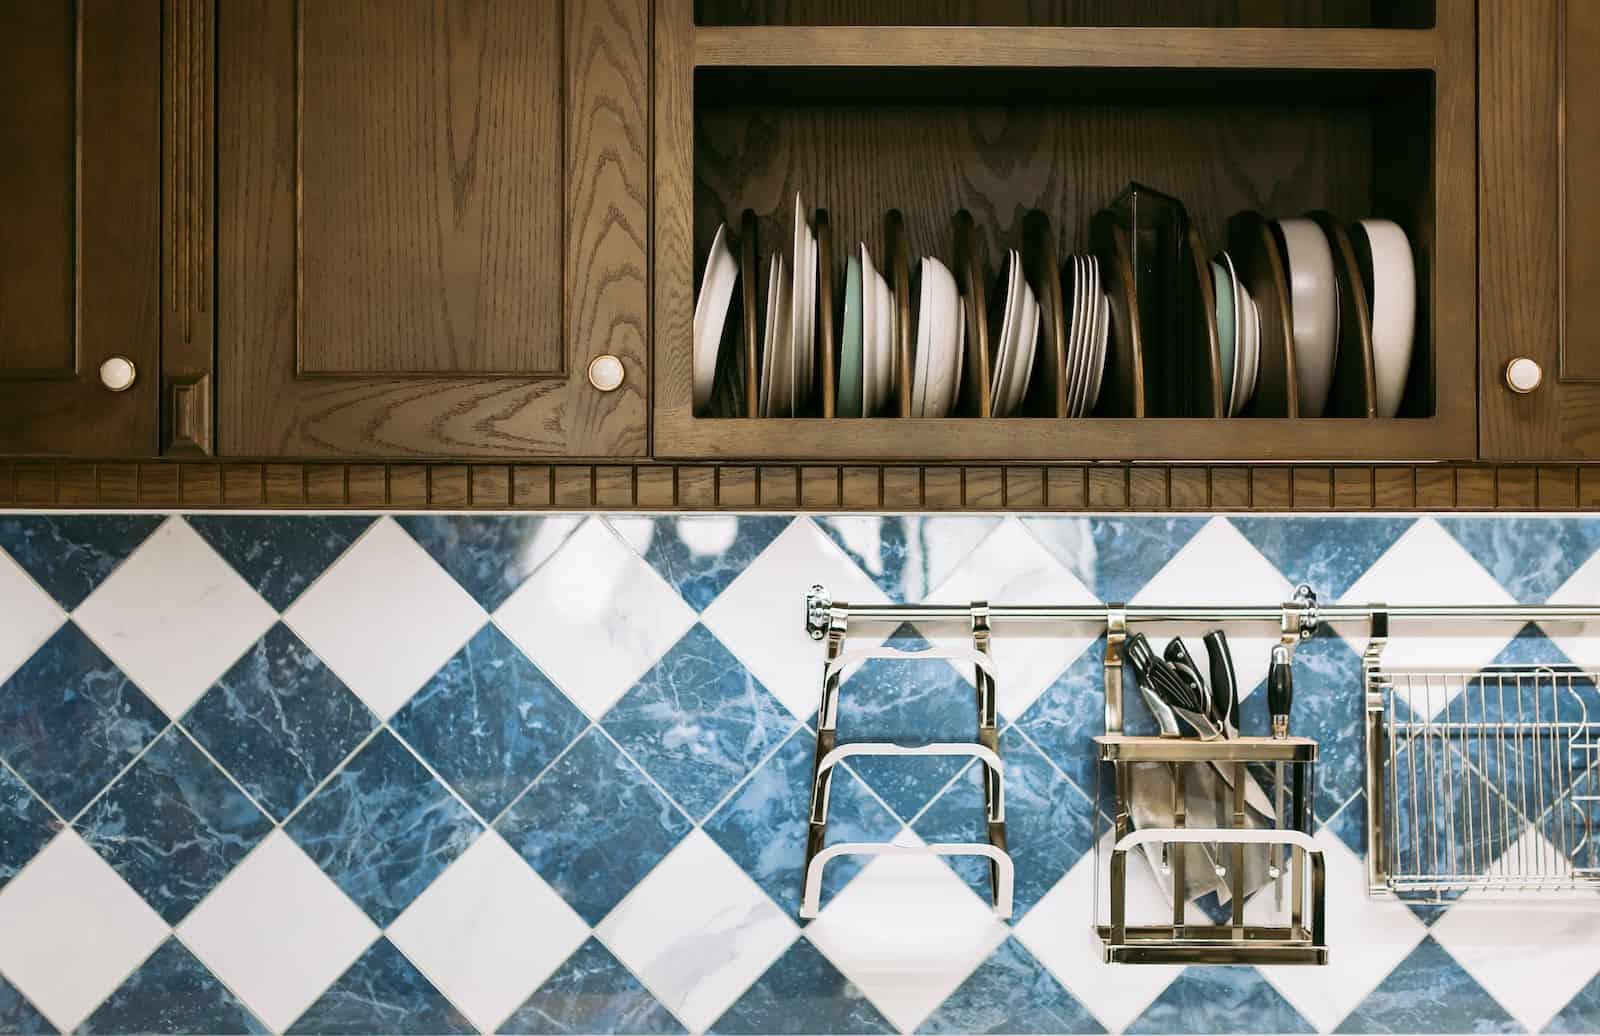 Mutfağı Sipariş Etme ve Düzenleme Fikirleri